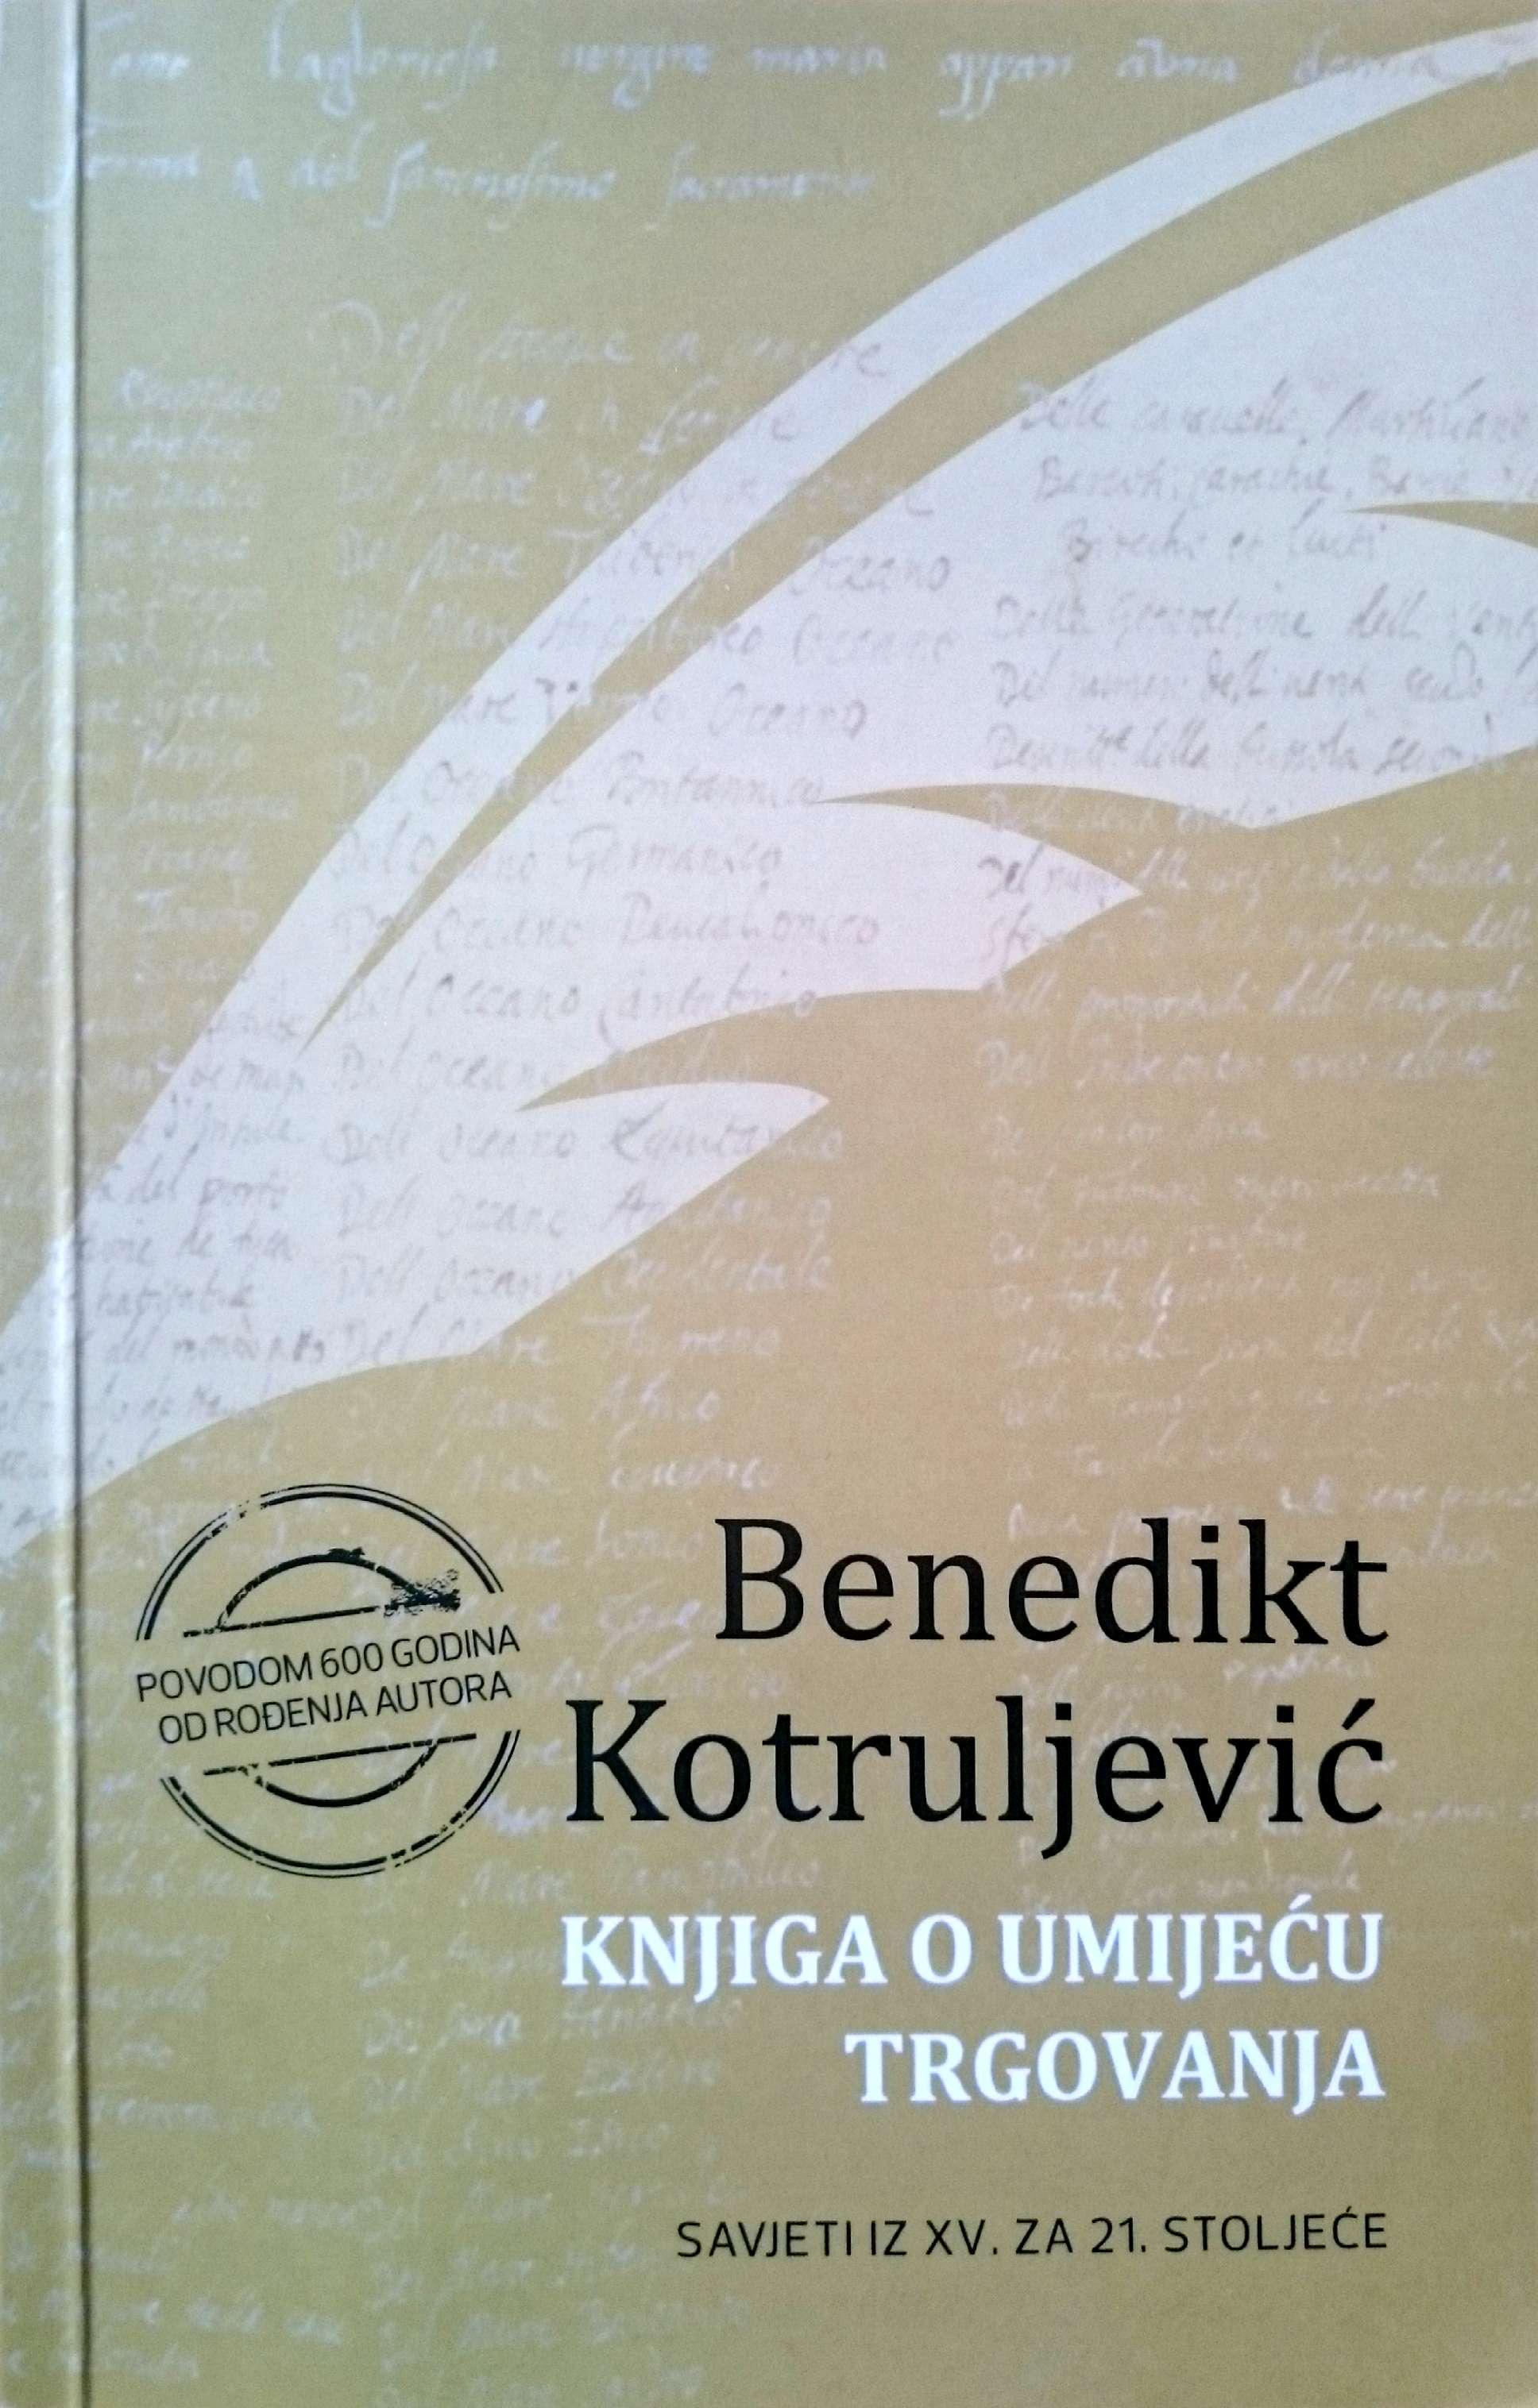 KNJIGA O UMIJEĆU TRGOVANJA - Naruči svoju knjigu